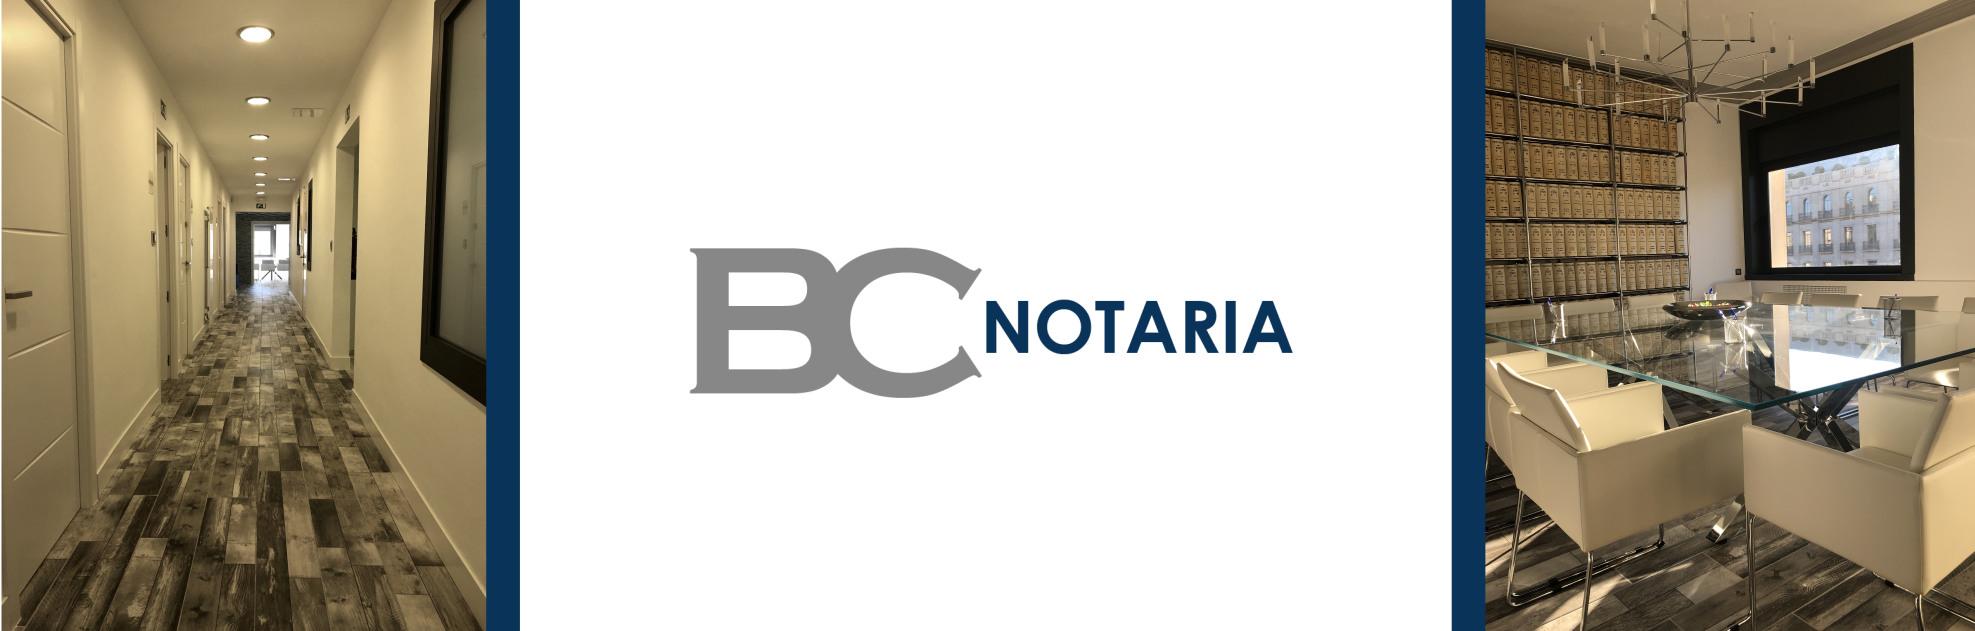 Bc Notaria Salas